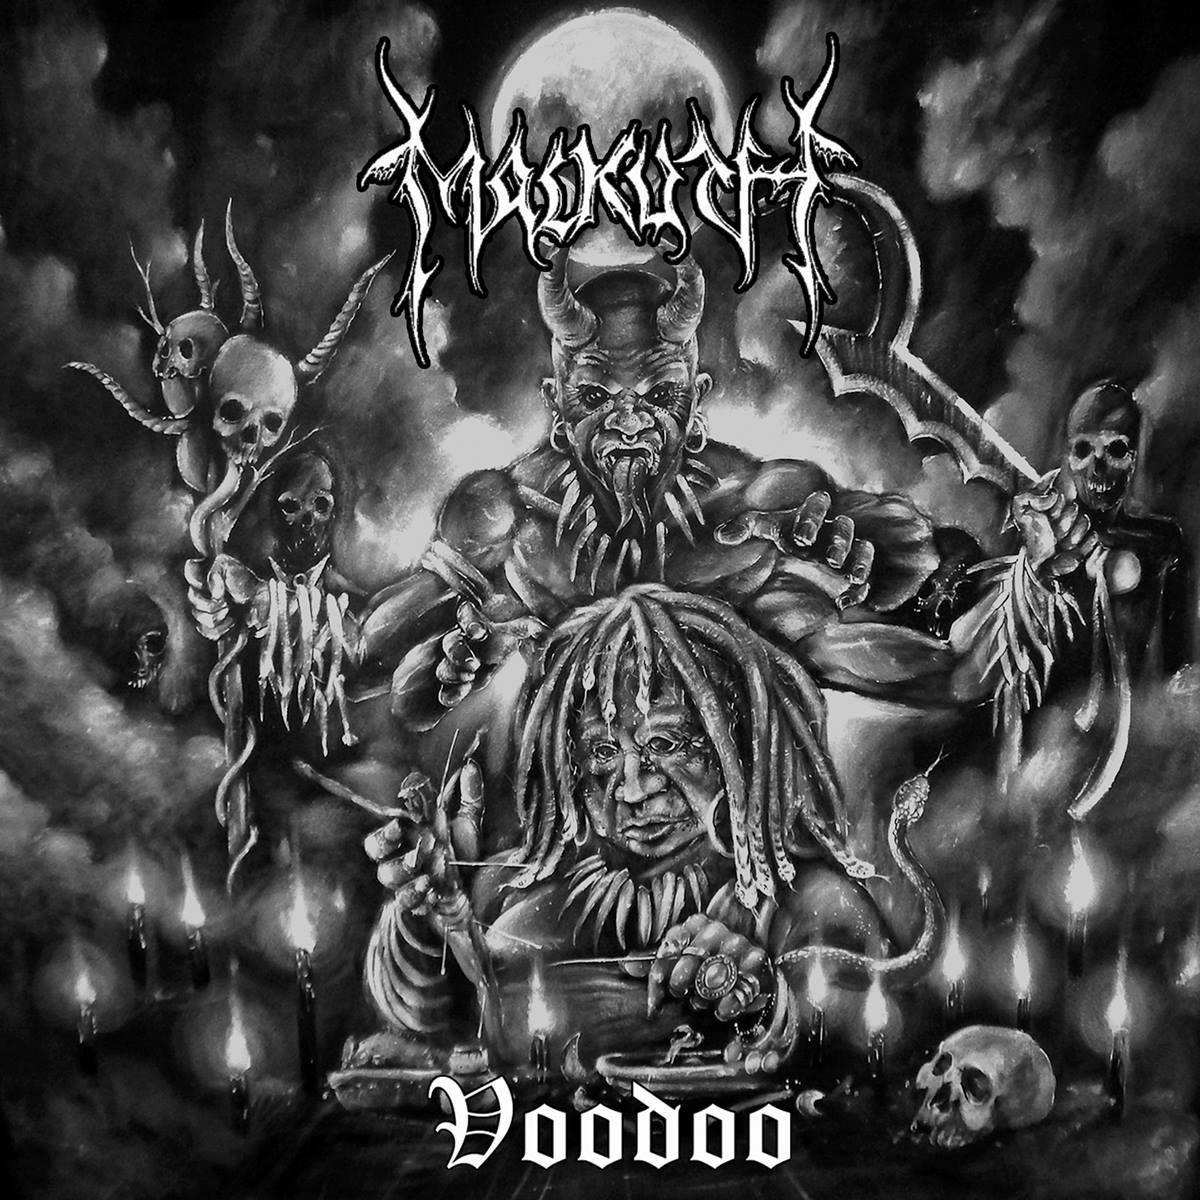 Malkuth - Voodoo